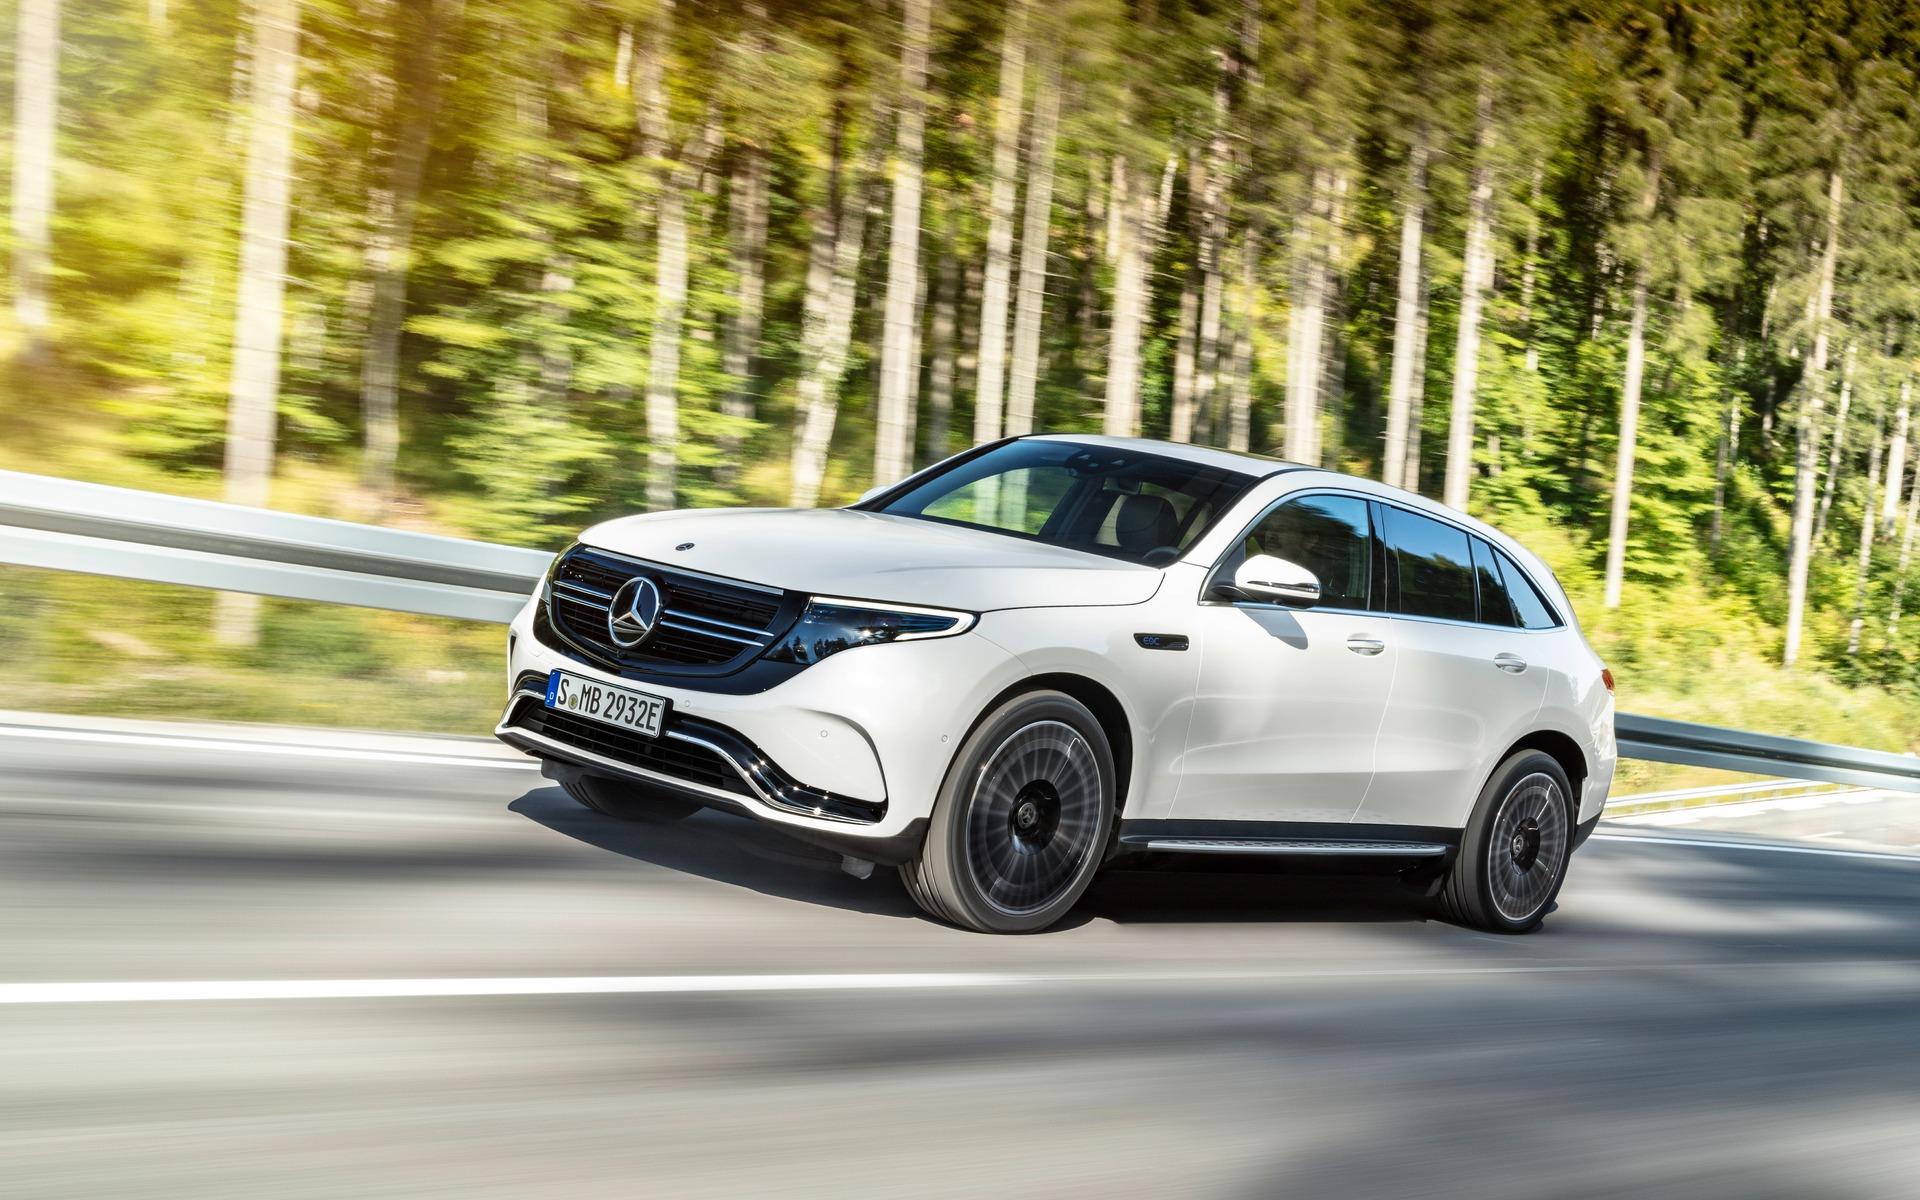 Mercedes-Benz EQC 400 2020 : à bord du VUS électrique 362014_2020_Mercedes-Benz